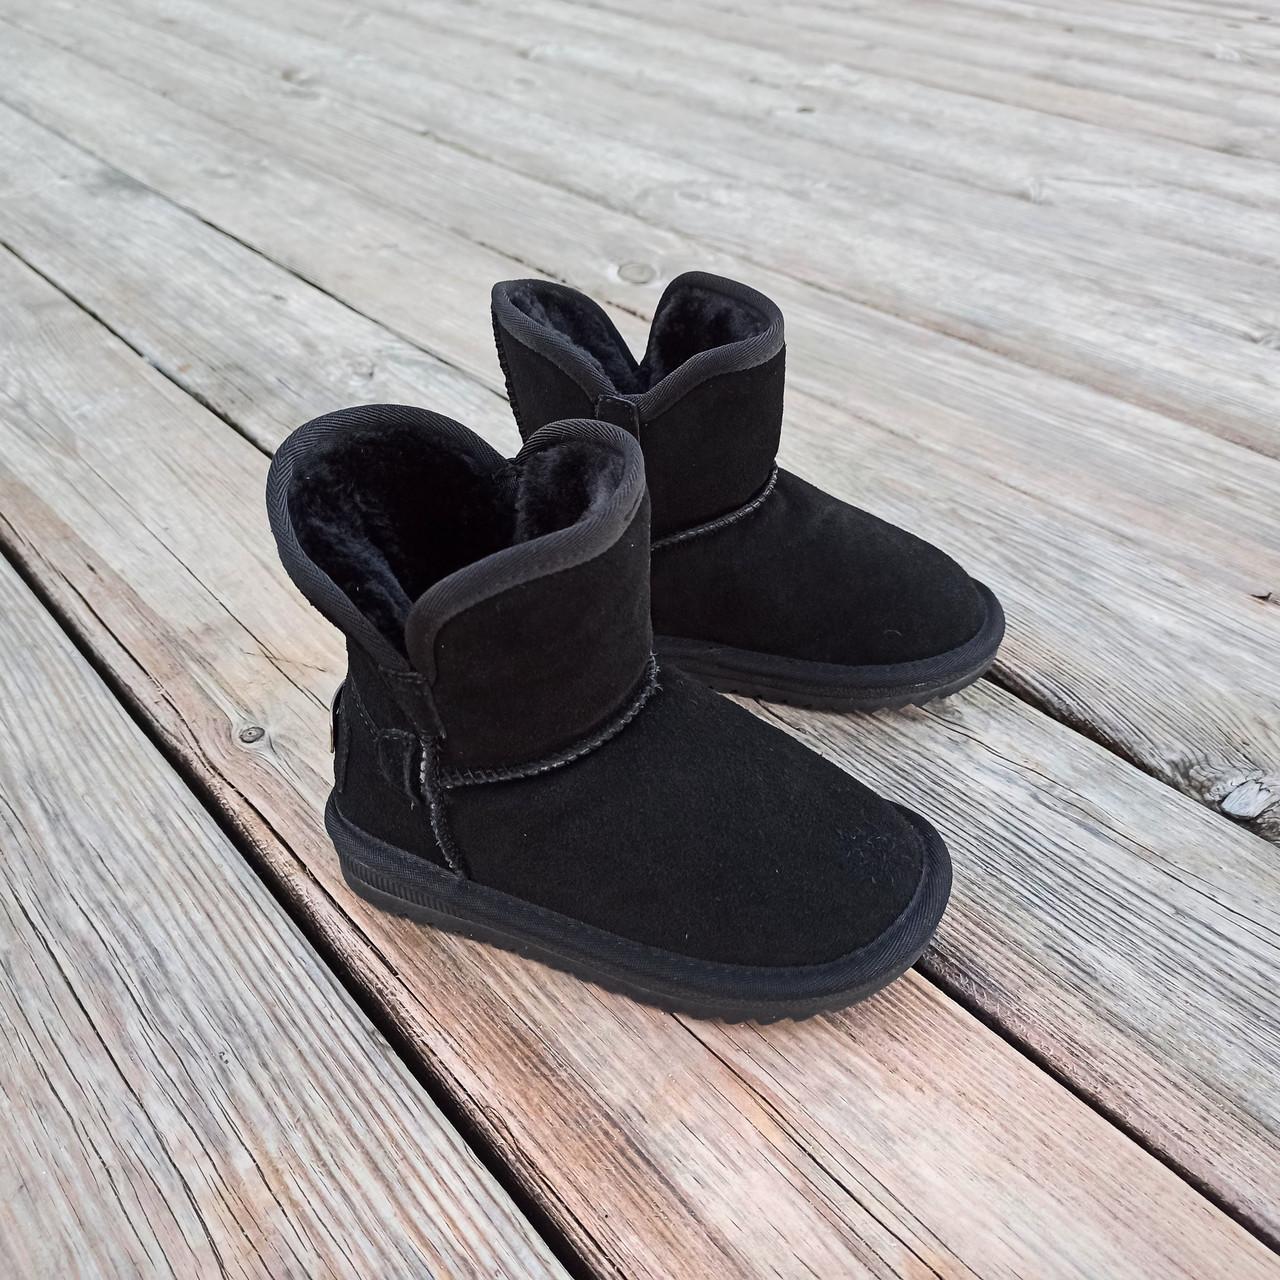 Натуральна замша уггі дитячі UGG чорні черевики чобітки уггі дитячі для дівчинки хлопчика